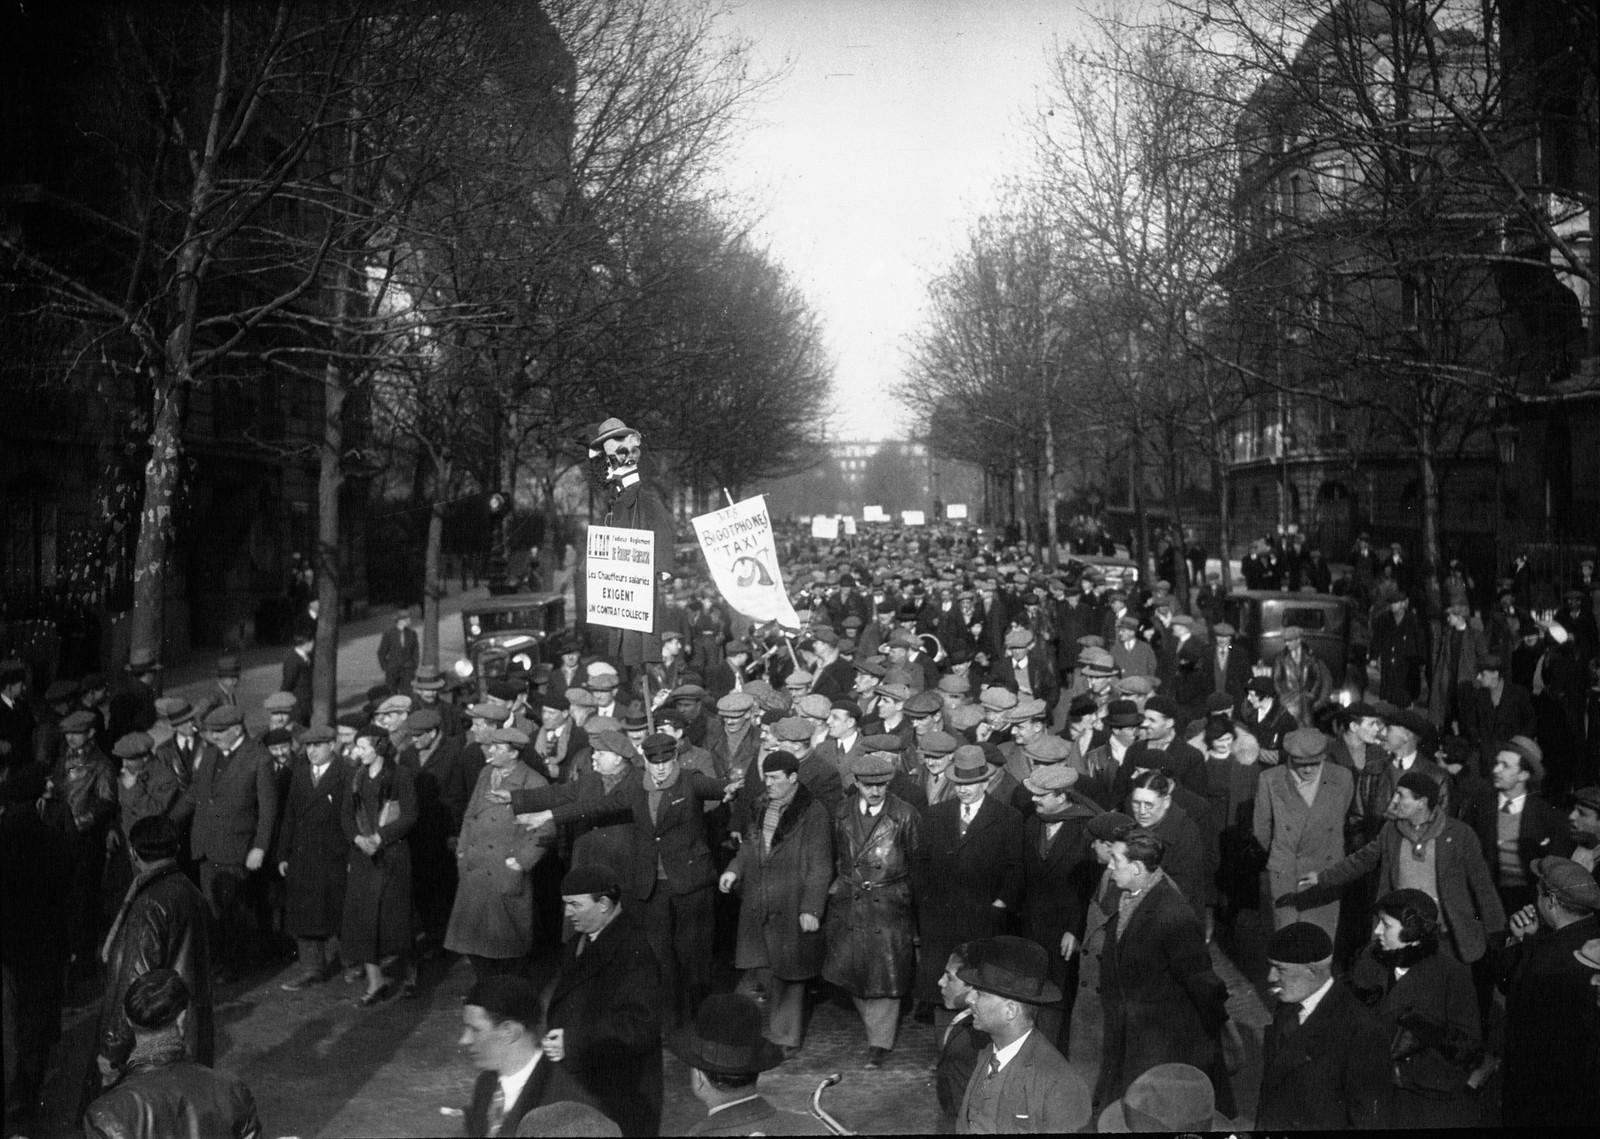 07. 1934. Забастовка таксистов. Толпа движется к Эйфелевой башне